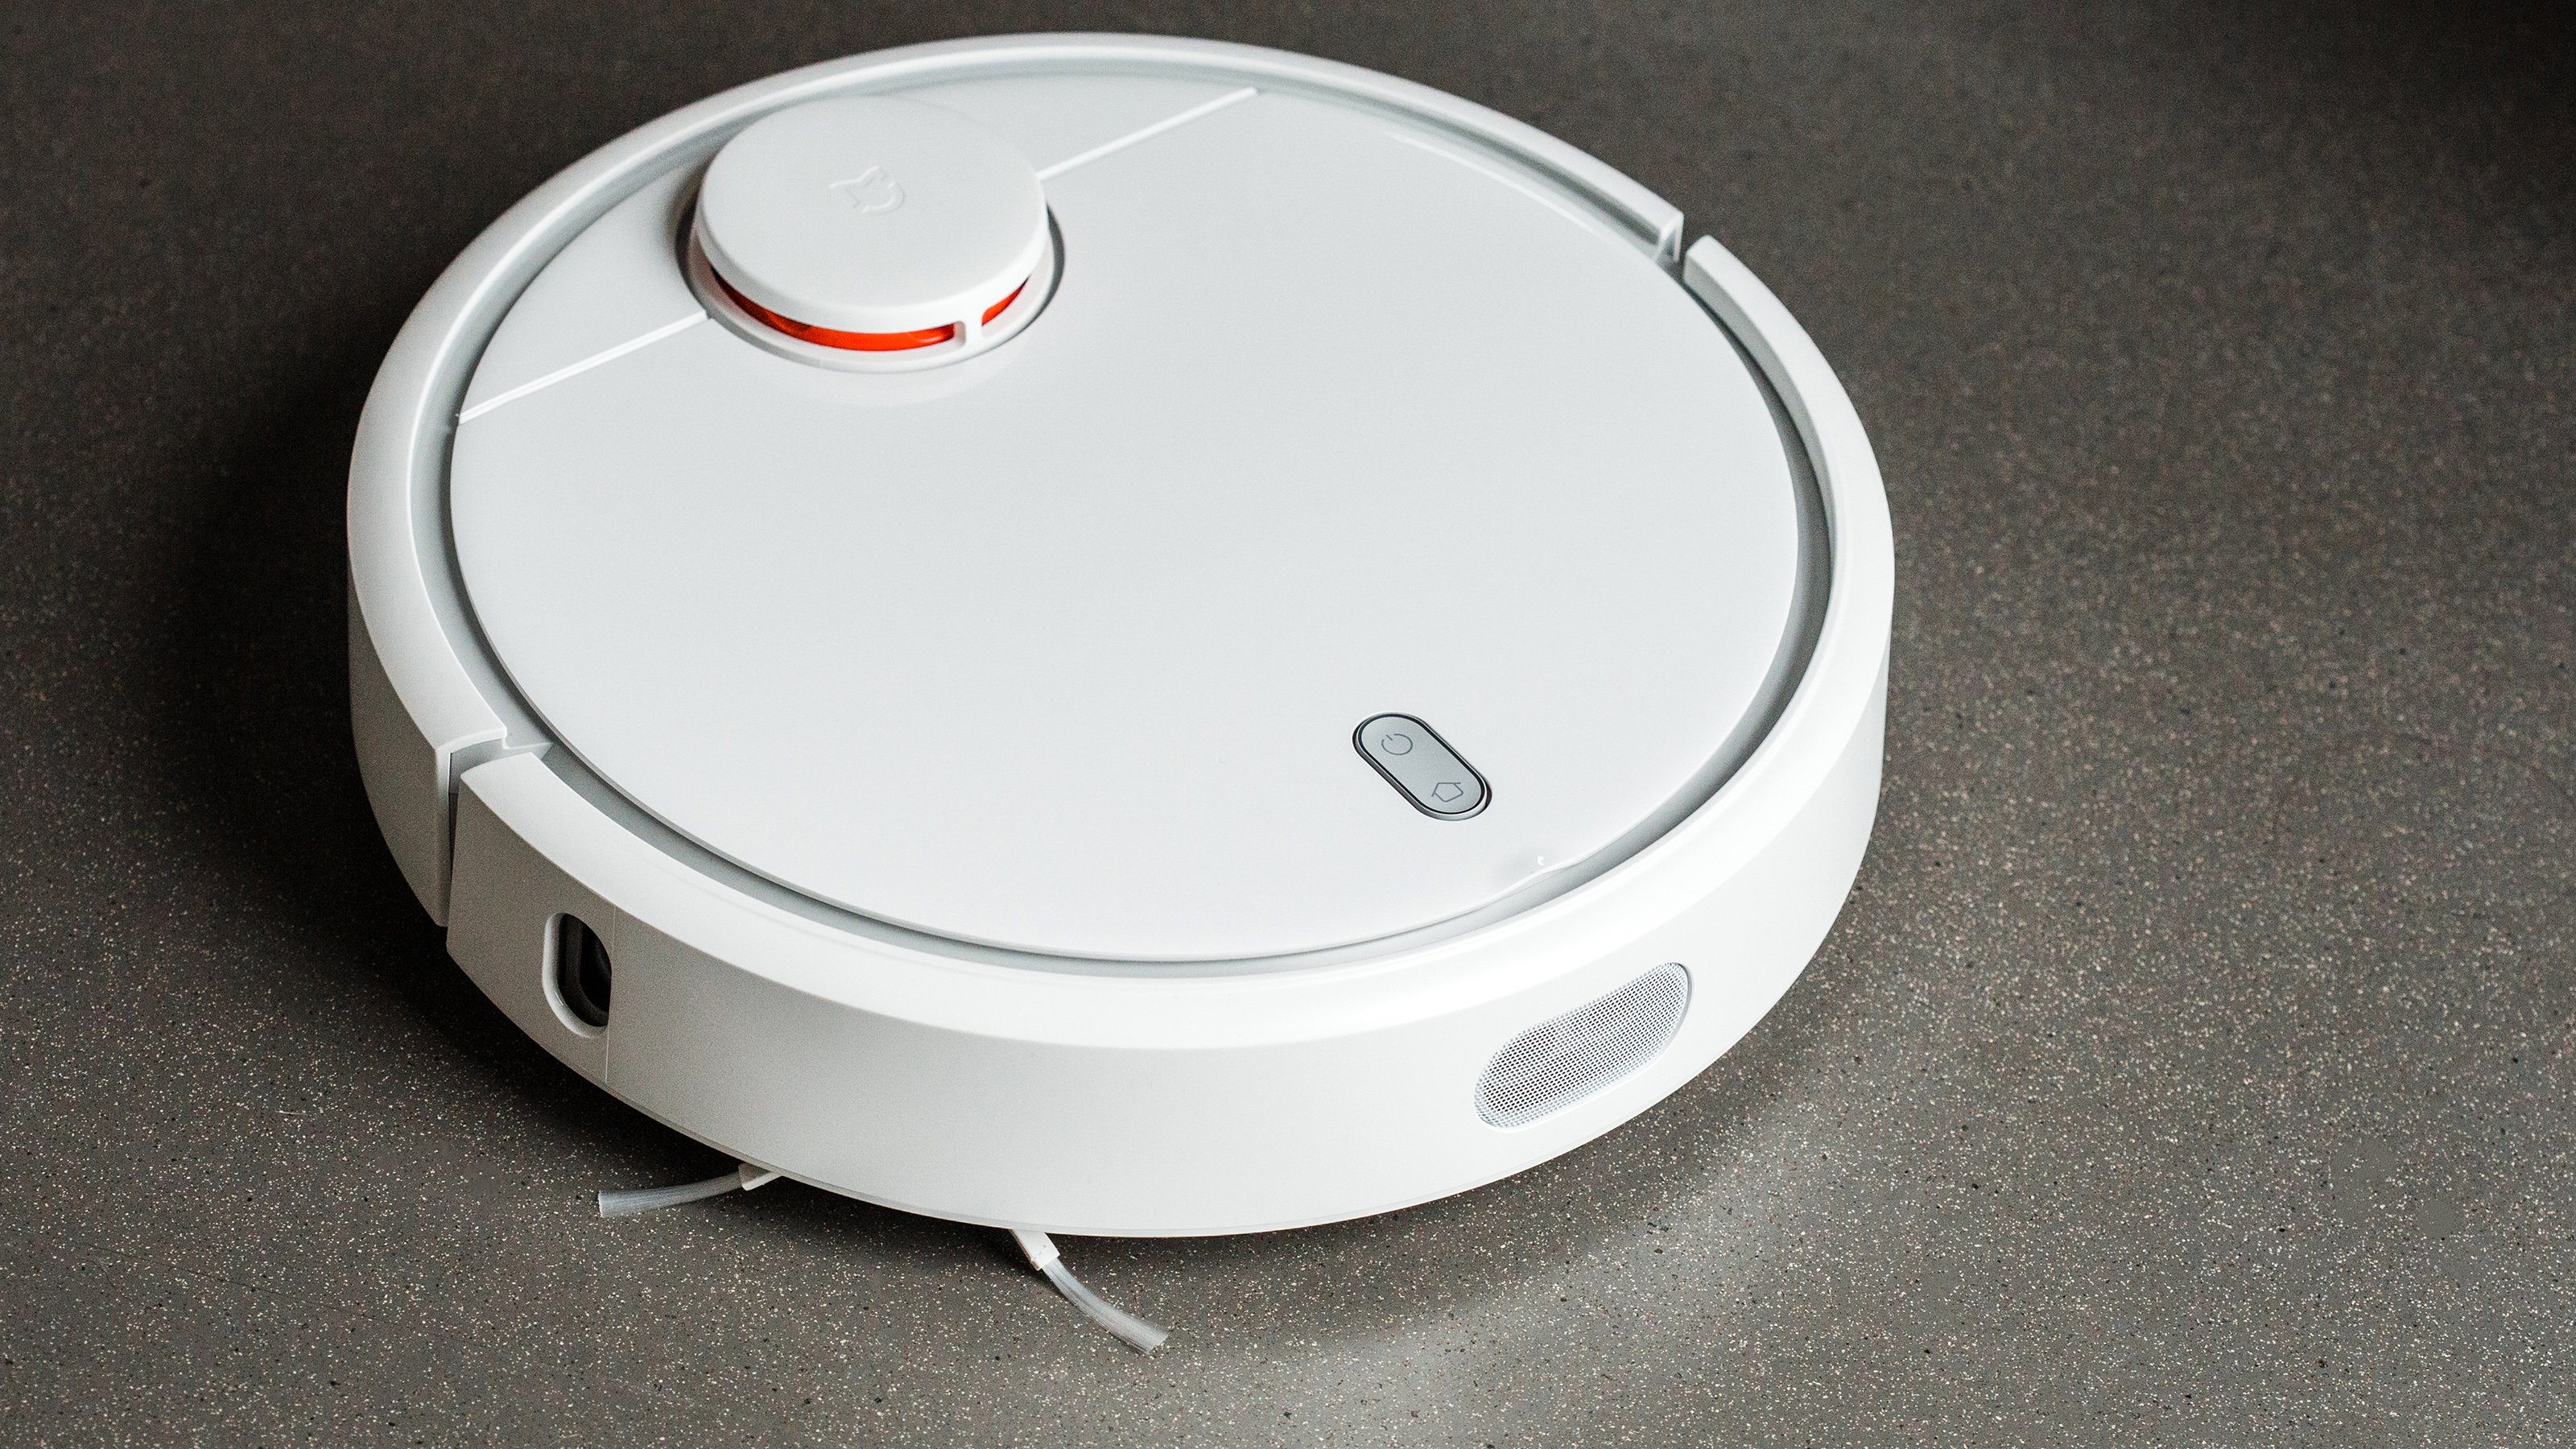 xiaomi robot vacuum